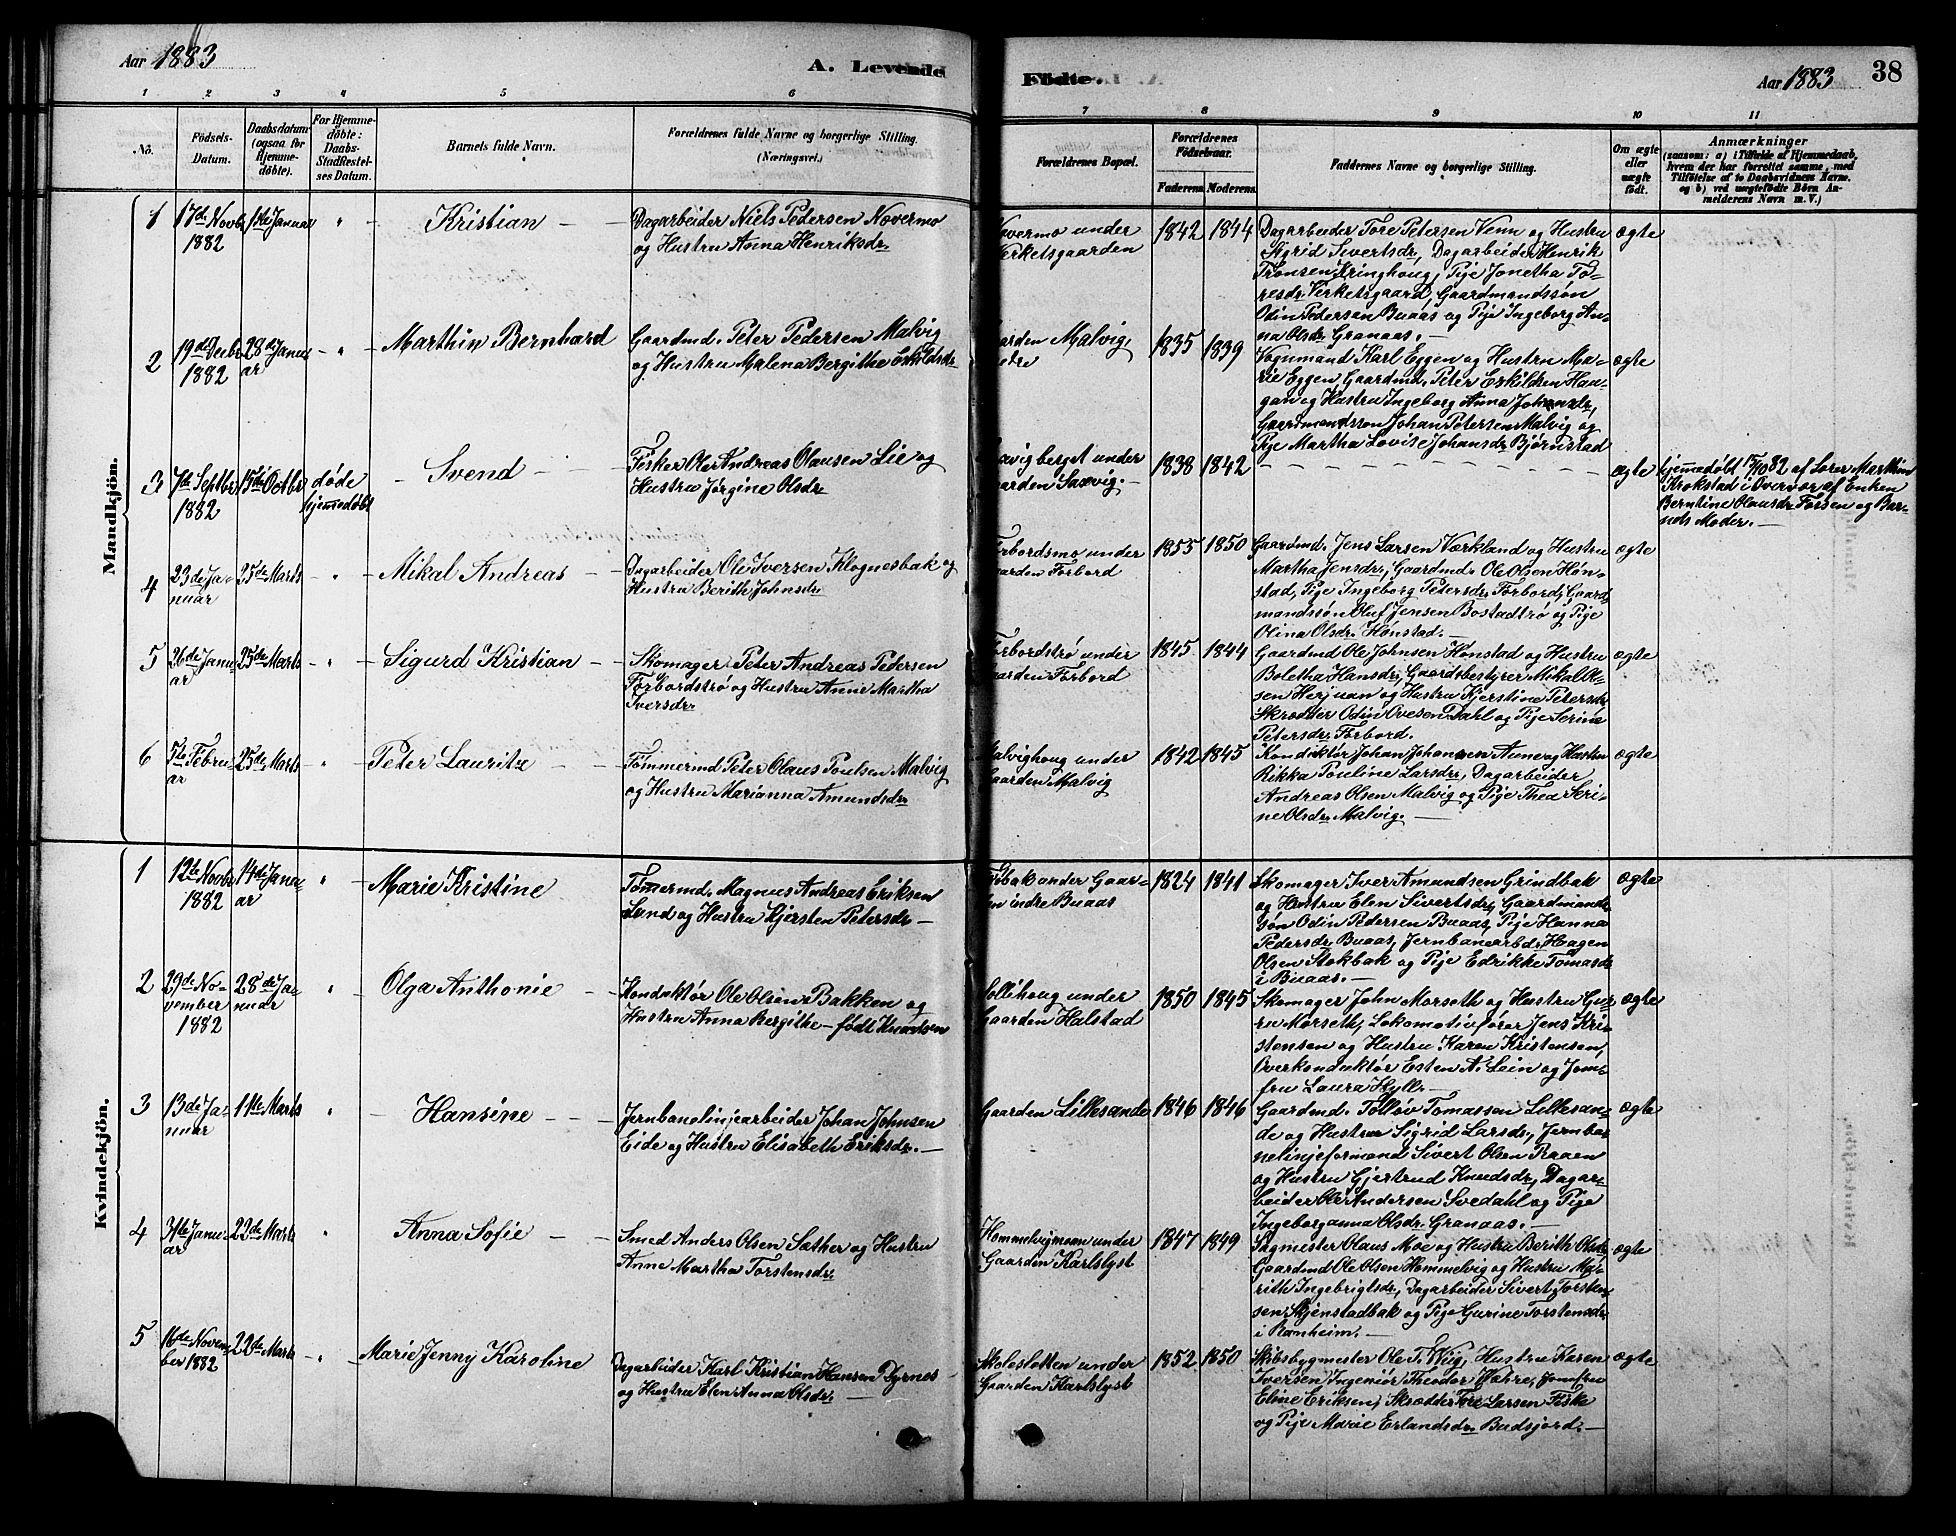 SAT, Ministerialprotokoller, klokkerbøker og fødselsregistre - Sør-Trøndelag, 616/L0423: Klokkerbok nr. 616C06, 1878-1903, s. 38